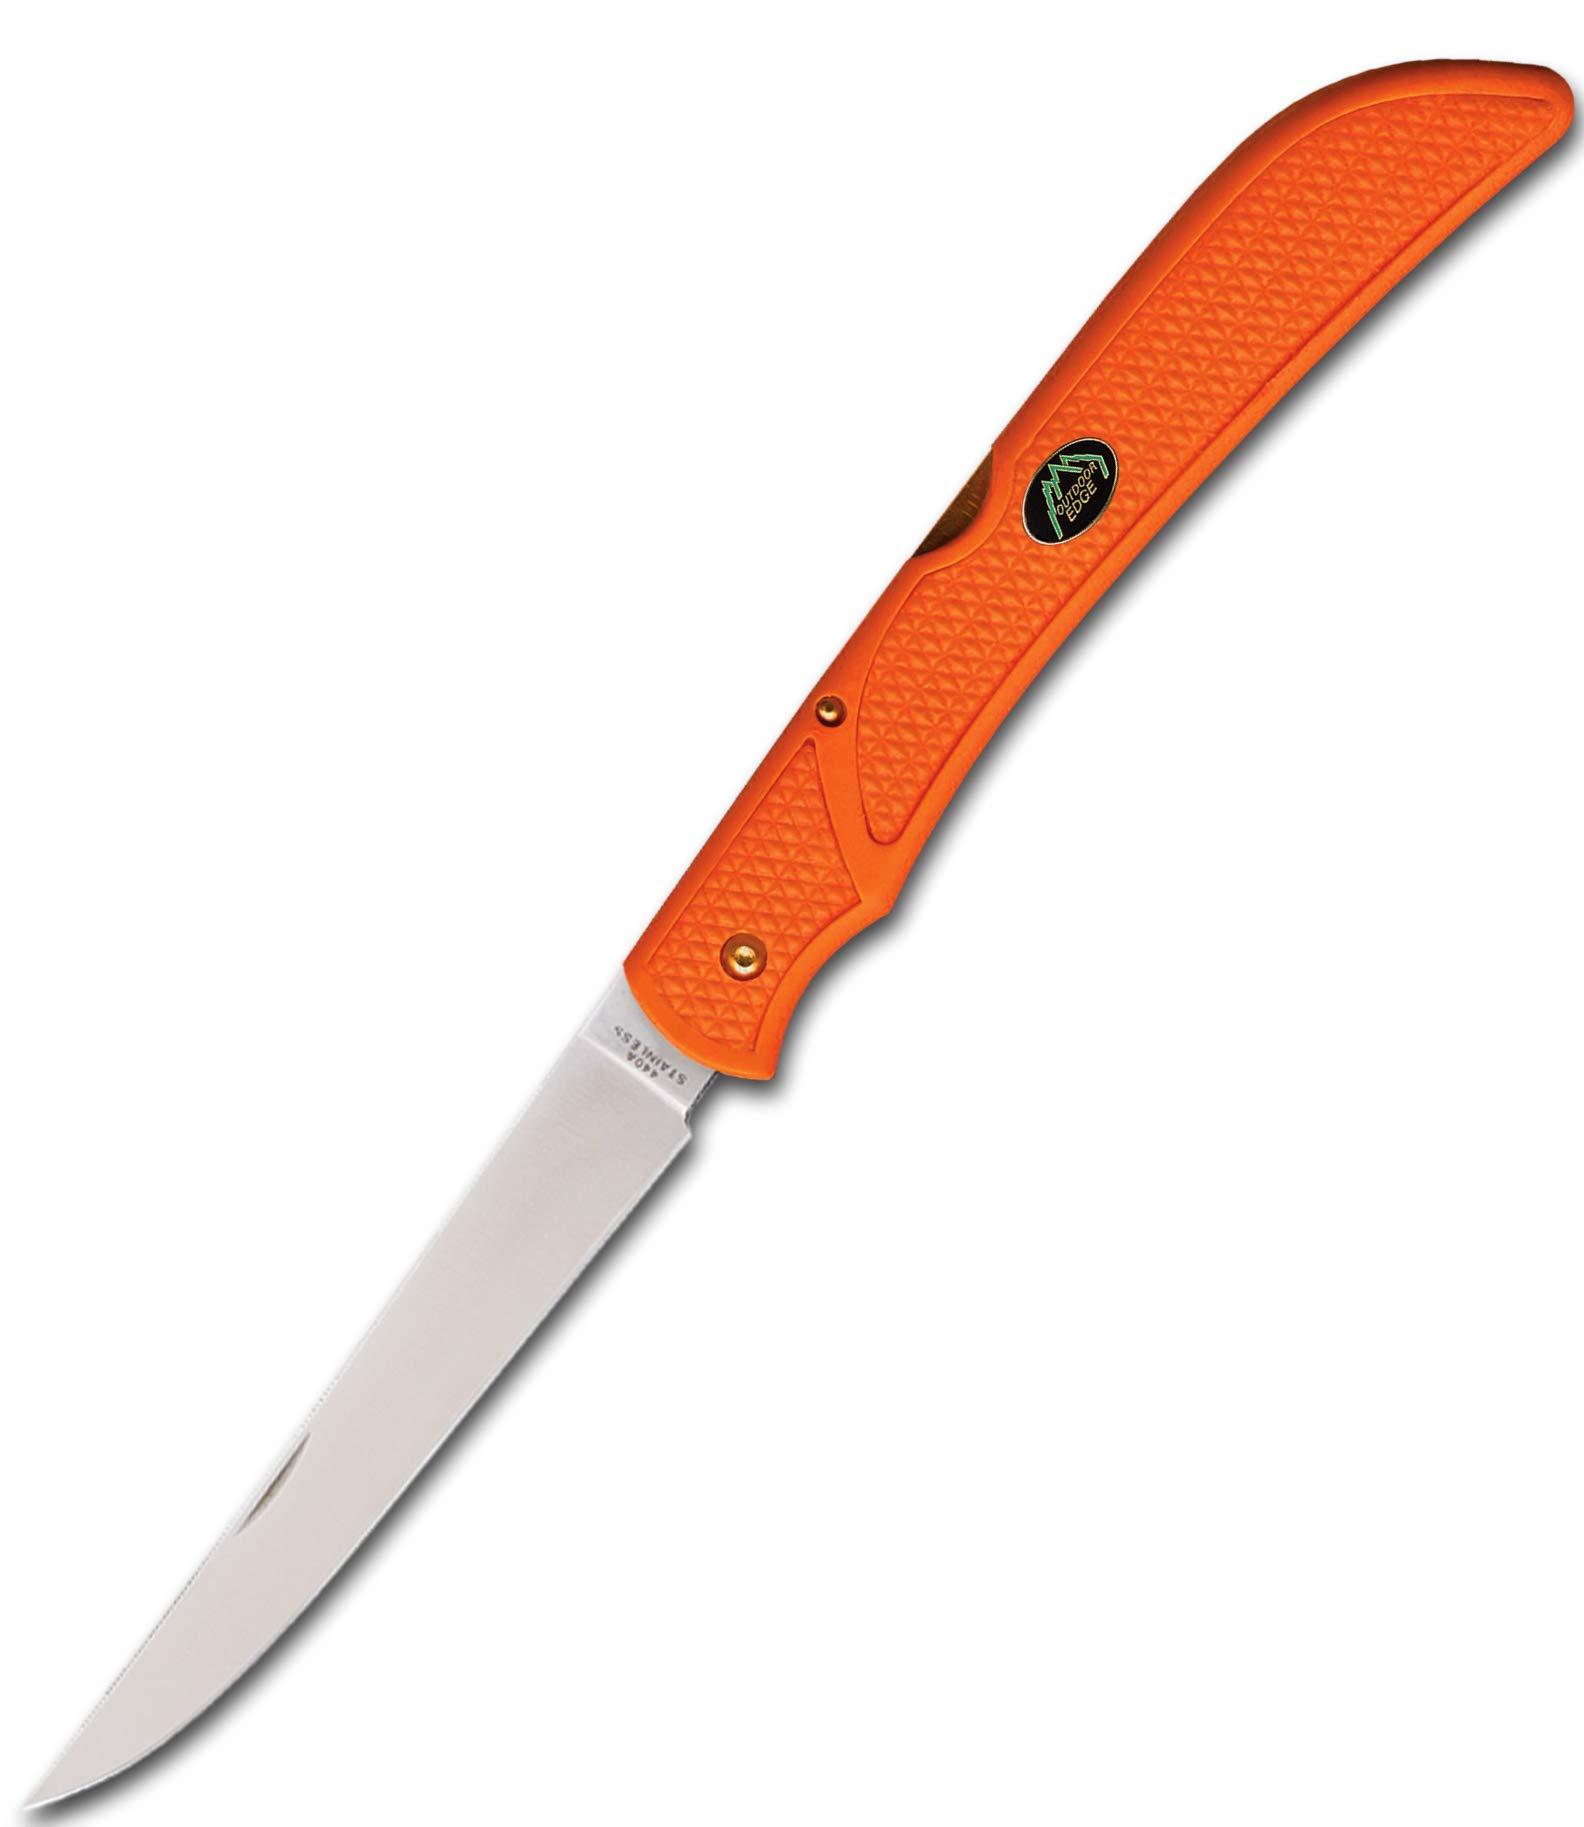 Outdoor Edge Field Bone, FBB-2, Fish Fillet & Game Deboning Folding 5 Inch Fillet Knife, Blaze Orage with Mossy Oak Sheath